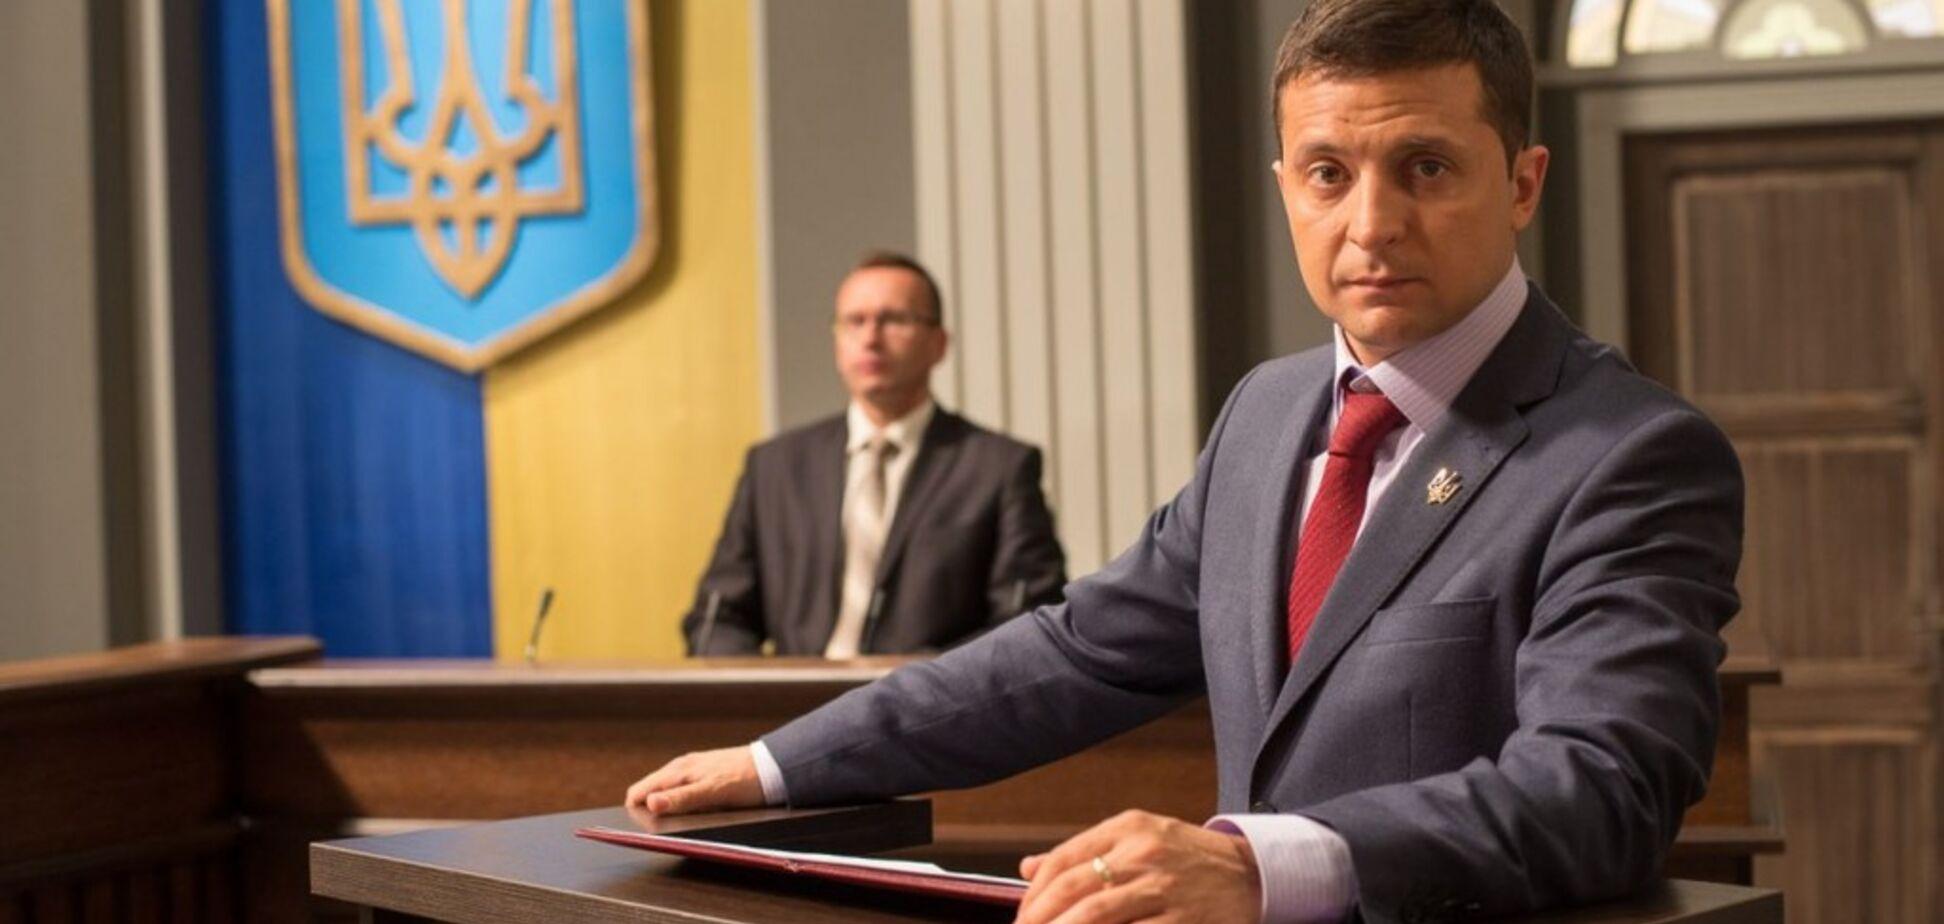 КВК чи Коломойський: ЗМІ дізналися, хто стоїть за Зеленським-президентом